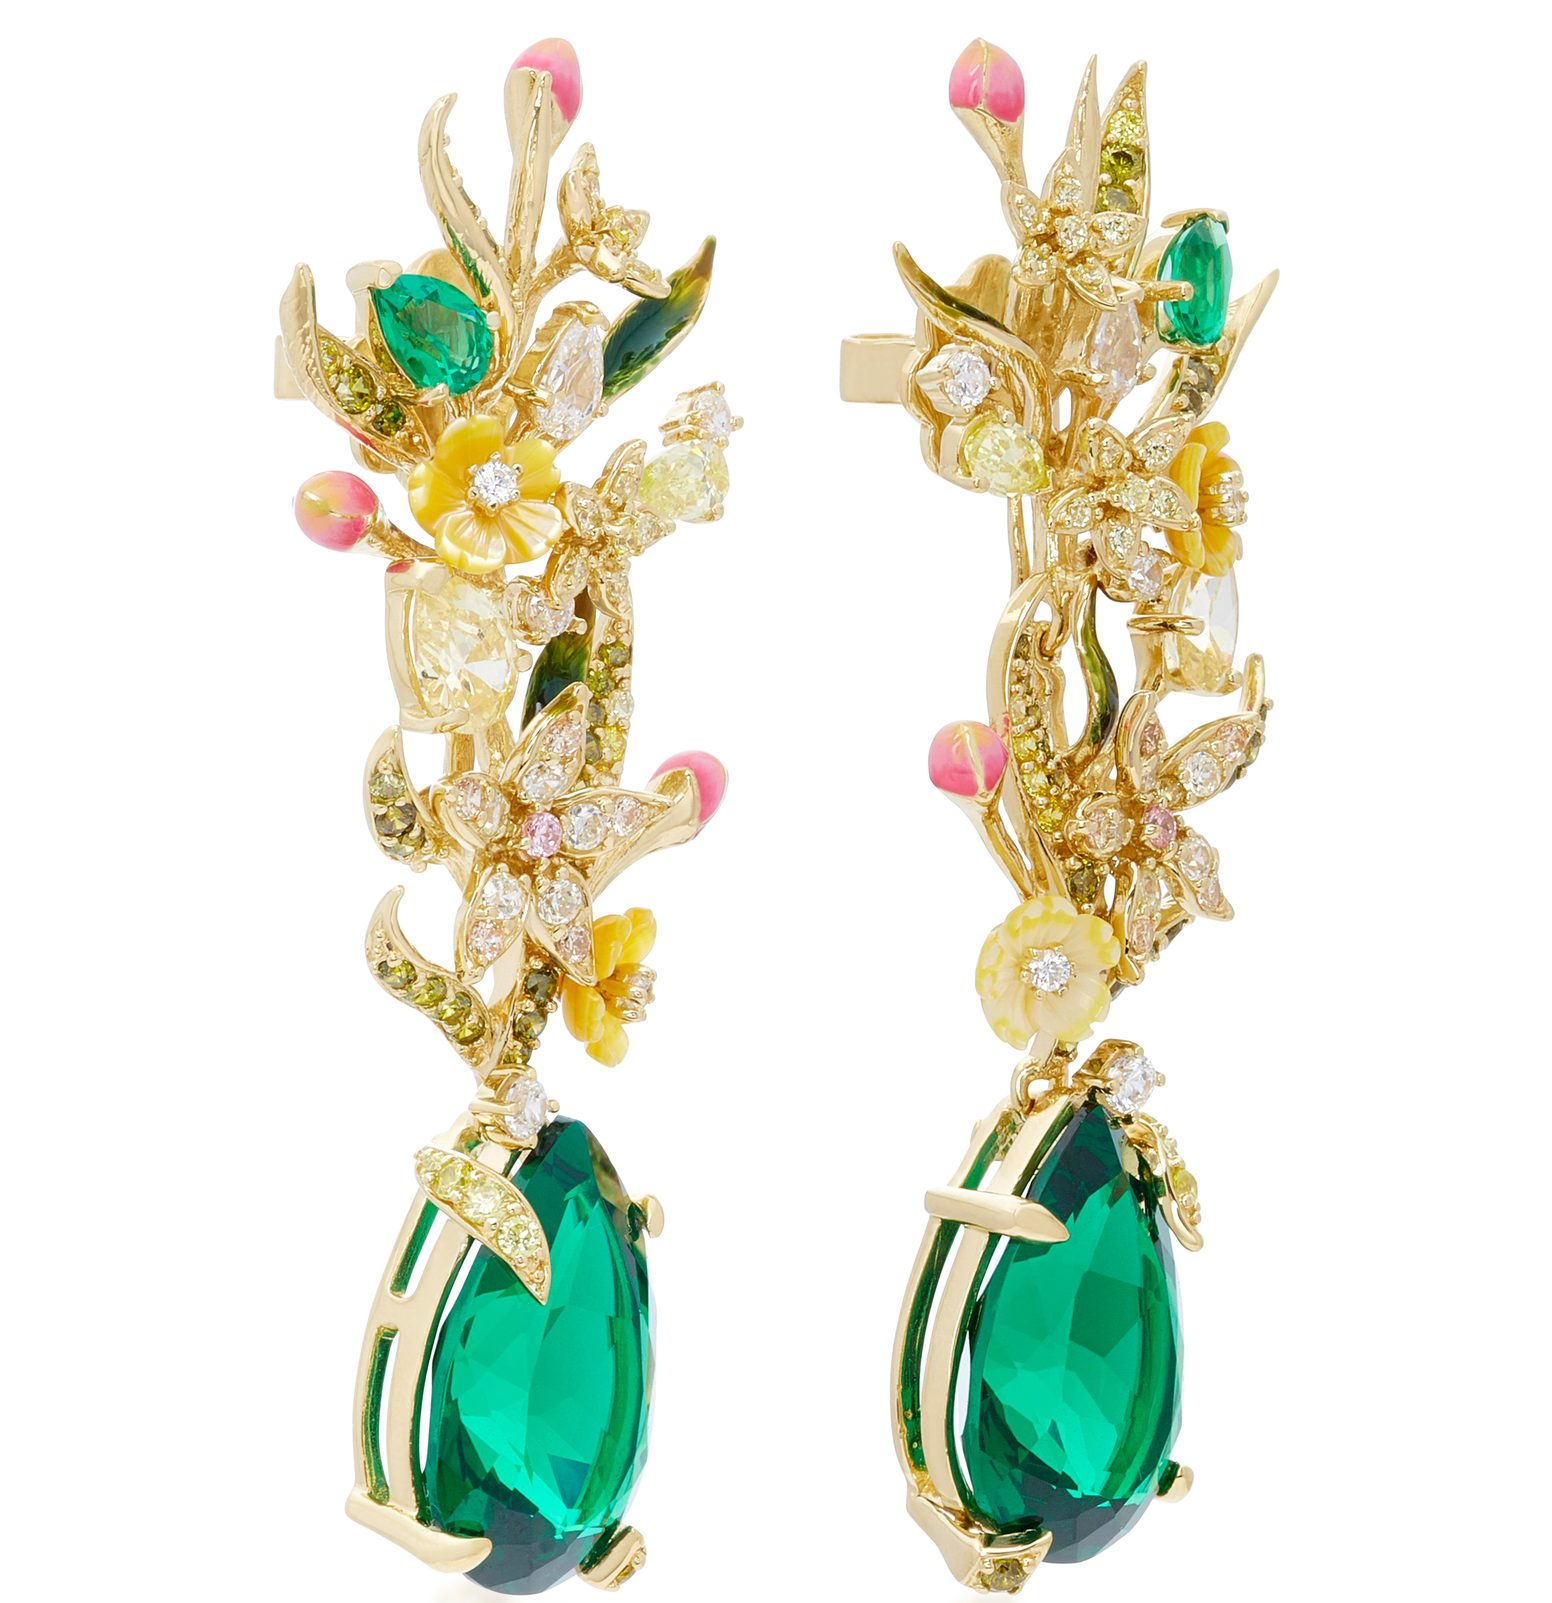 Anabela Chan earrings 18K yellow gold multi-stone earrings